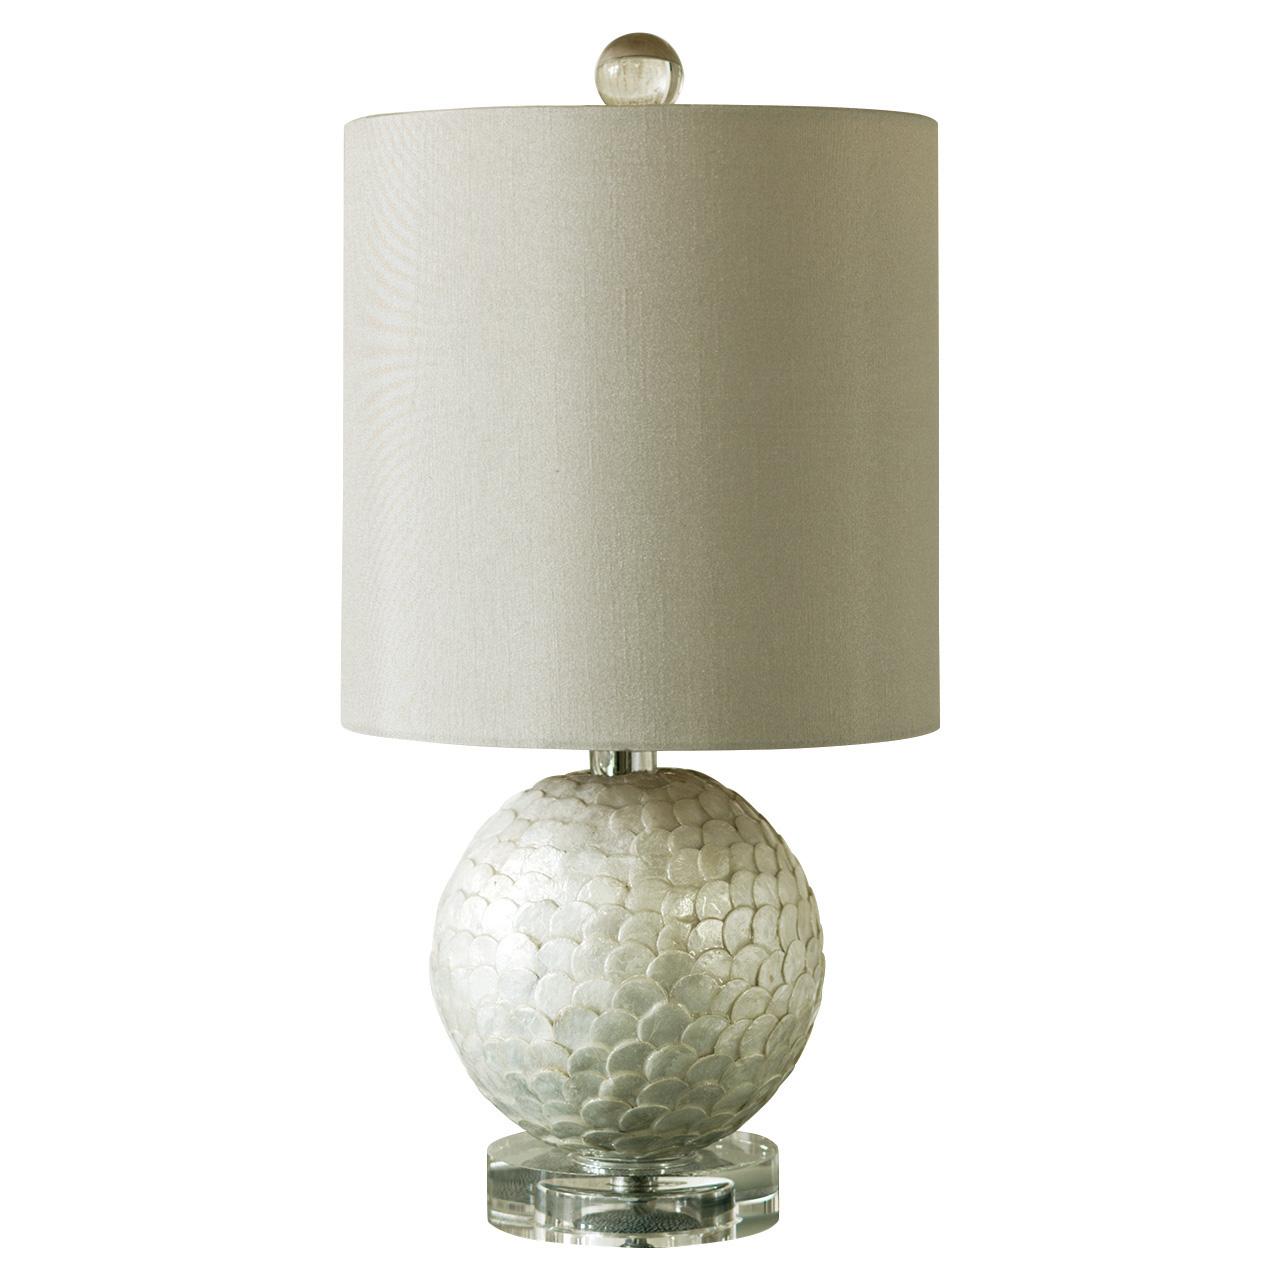 Placuna Beach Modern Capiz Sphere Mini Lamp